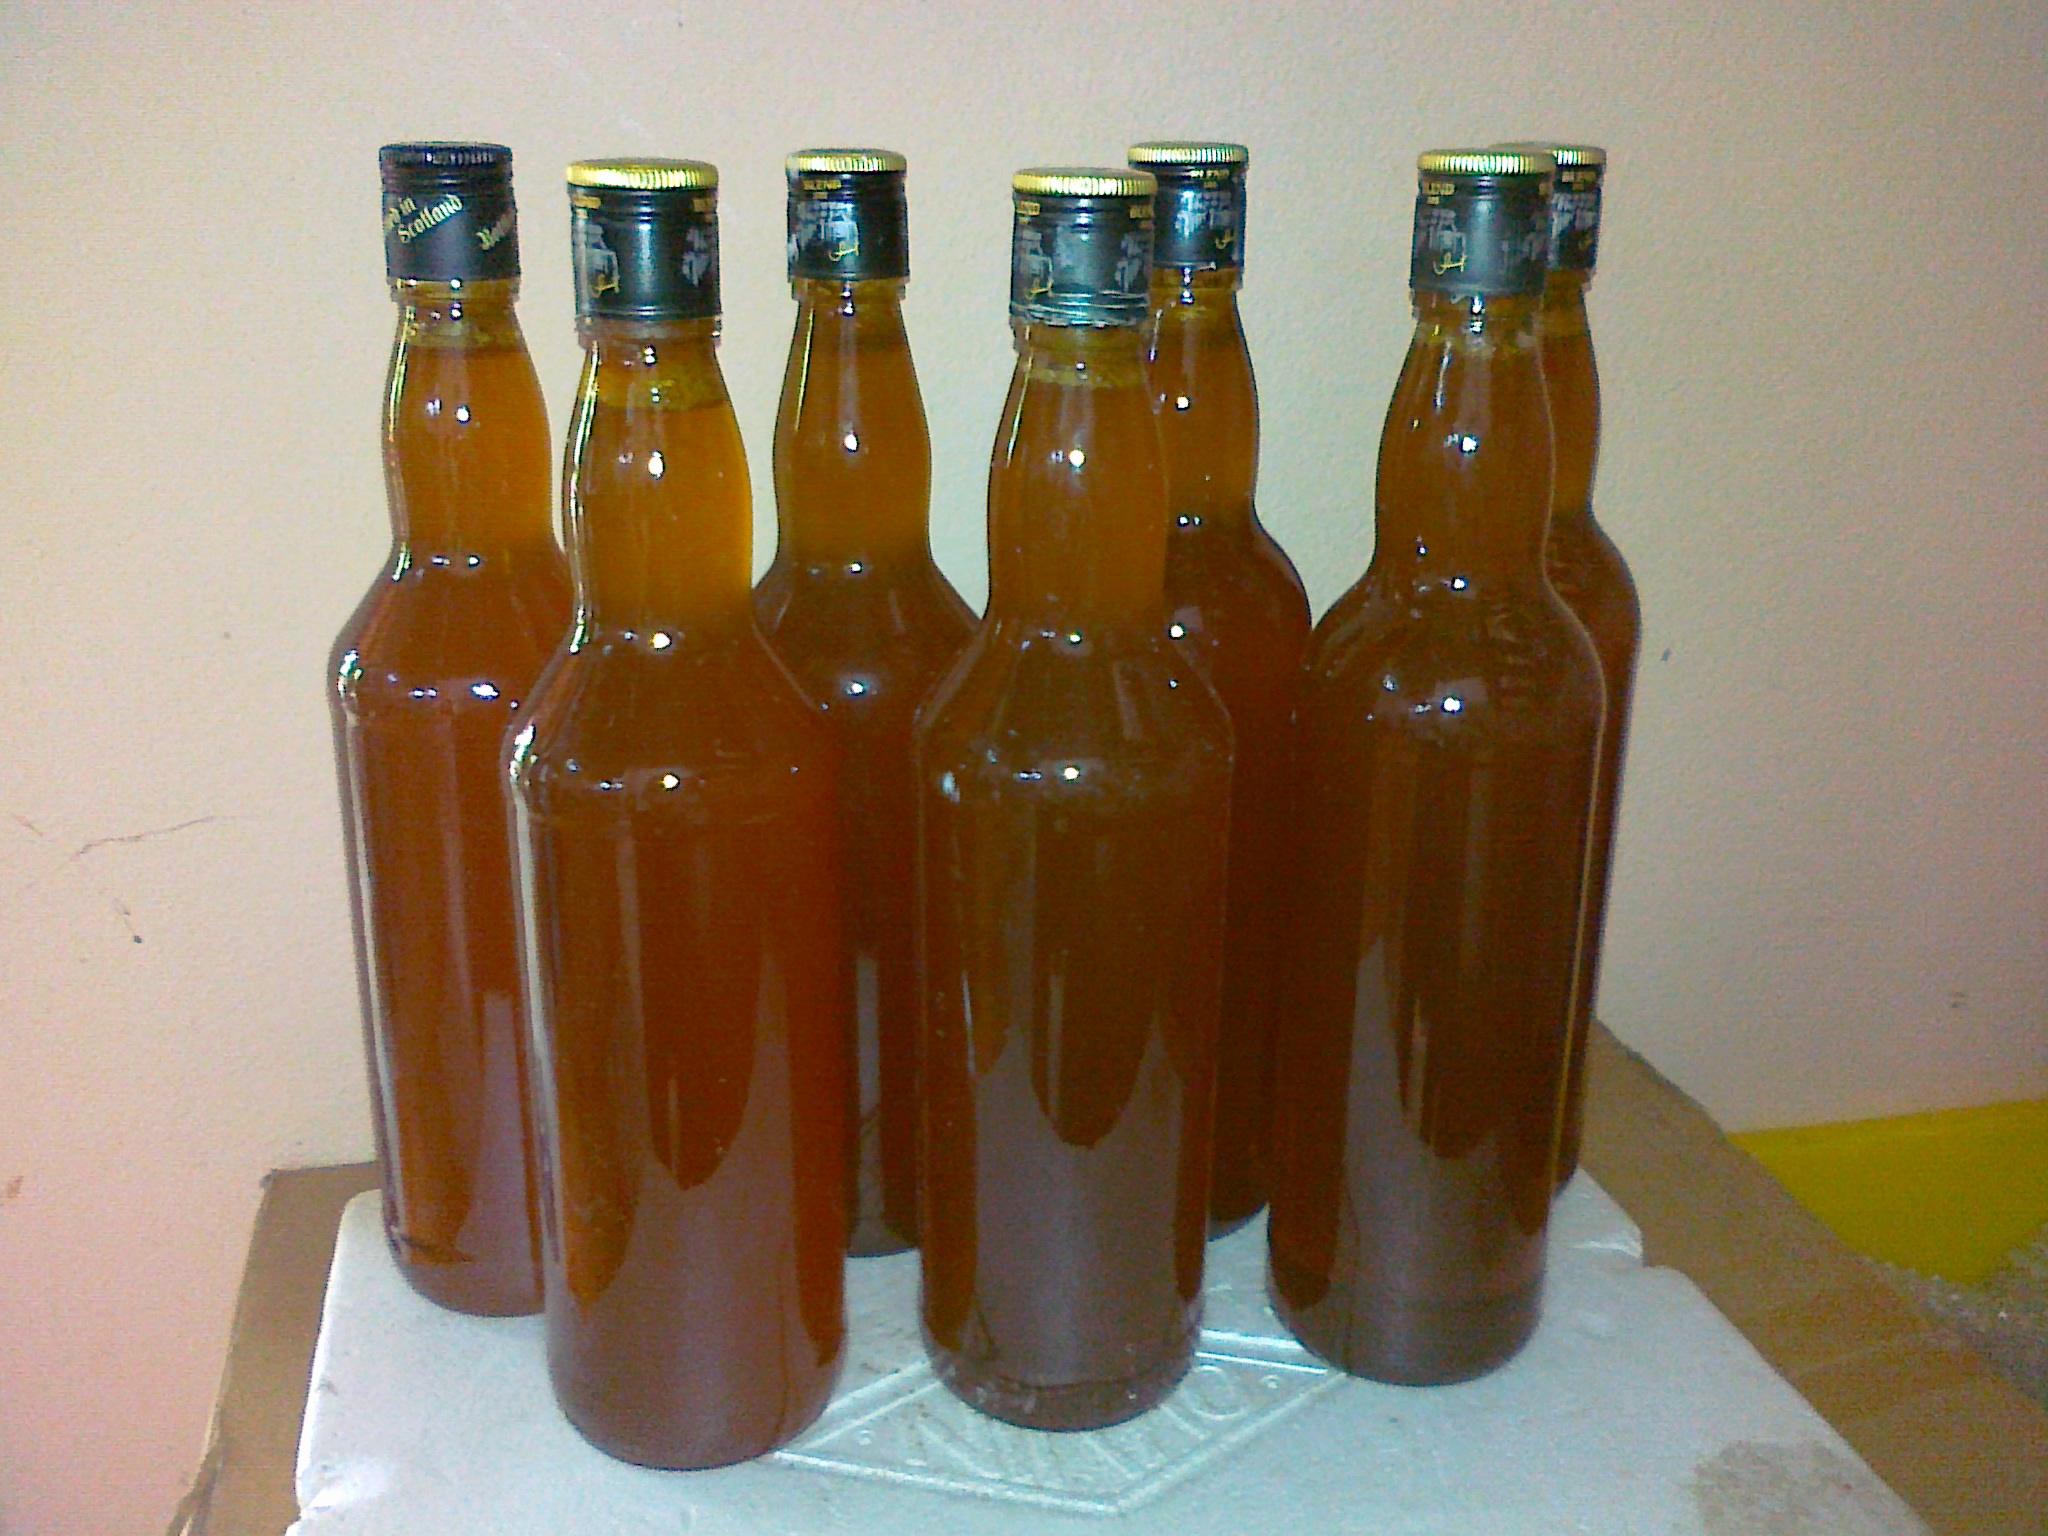 วิธีทดสอบน้ำผึ้งแท้ไม่แท้ ก่อนที่จะโดนหลอกซื้อ